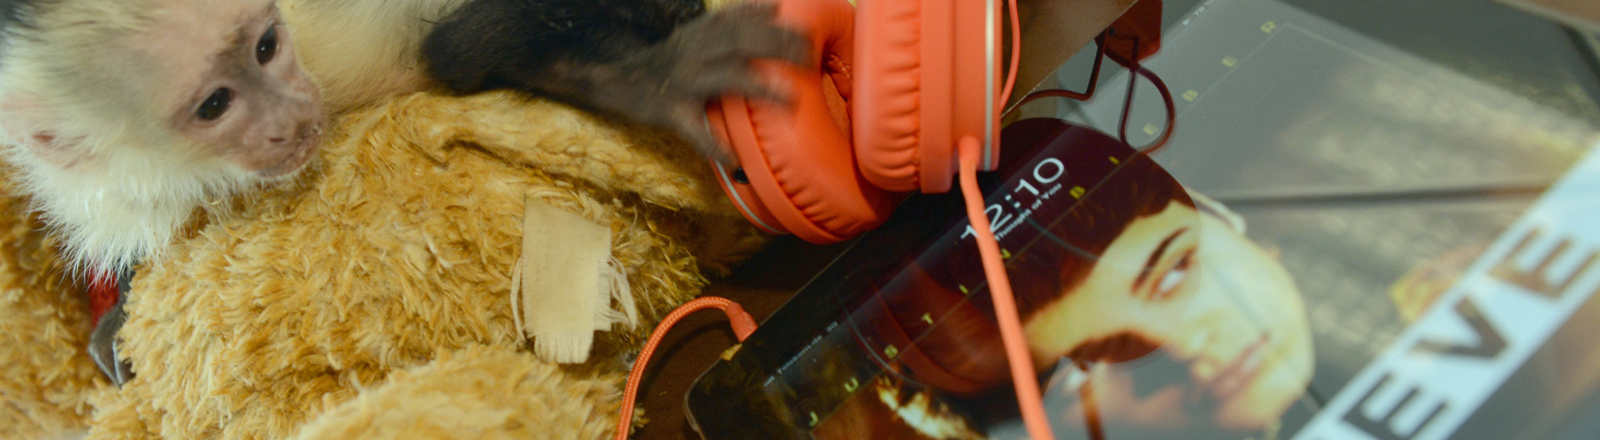 Der Affe Mally des kanadischen Sängers Justin Bieber hockt am 02.04.2013 in München (Bayern) im Tierheim München-Riem auf einem Stofftier, das neben ein iPad gelegt wurde, auf dem ein Foto des Sängers zu sehen ist.